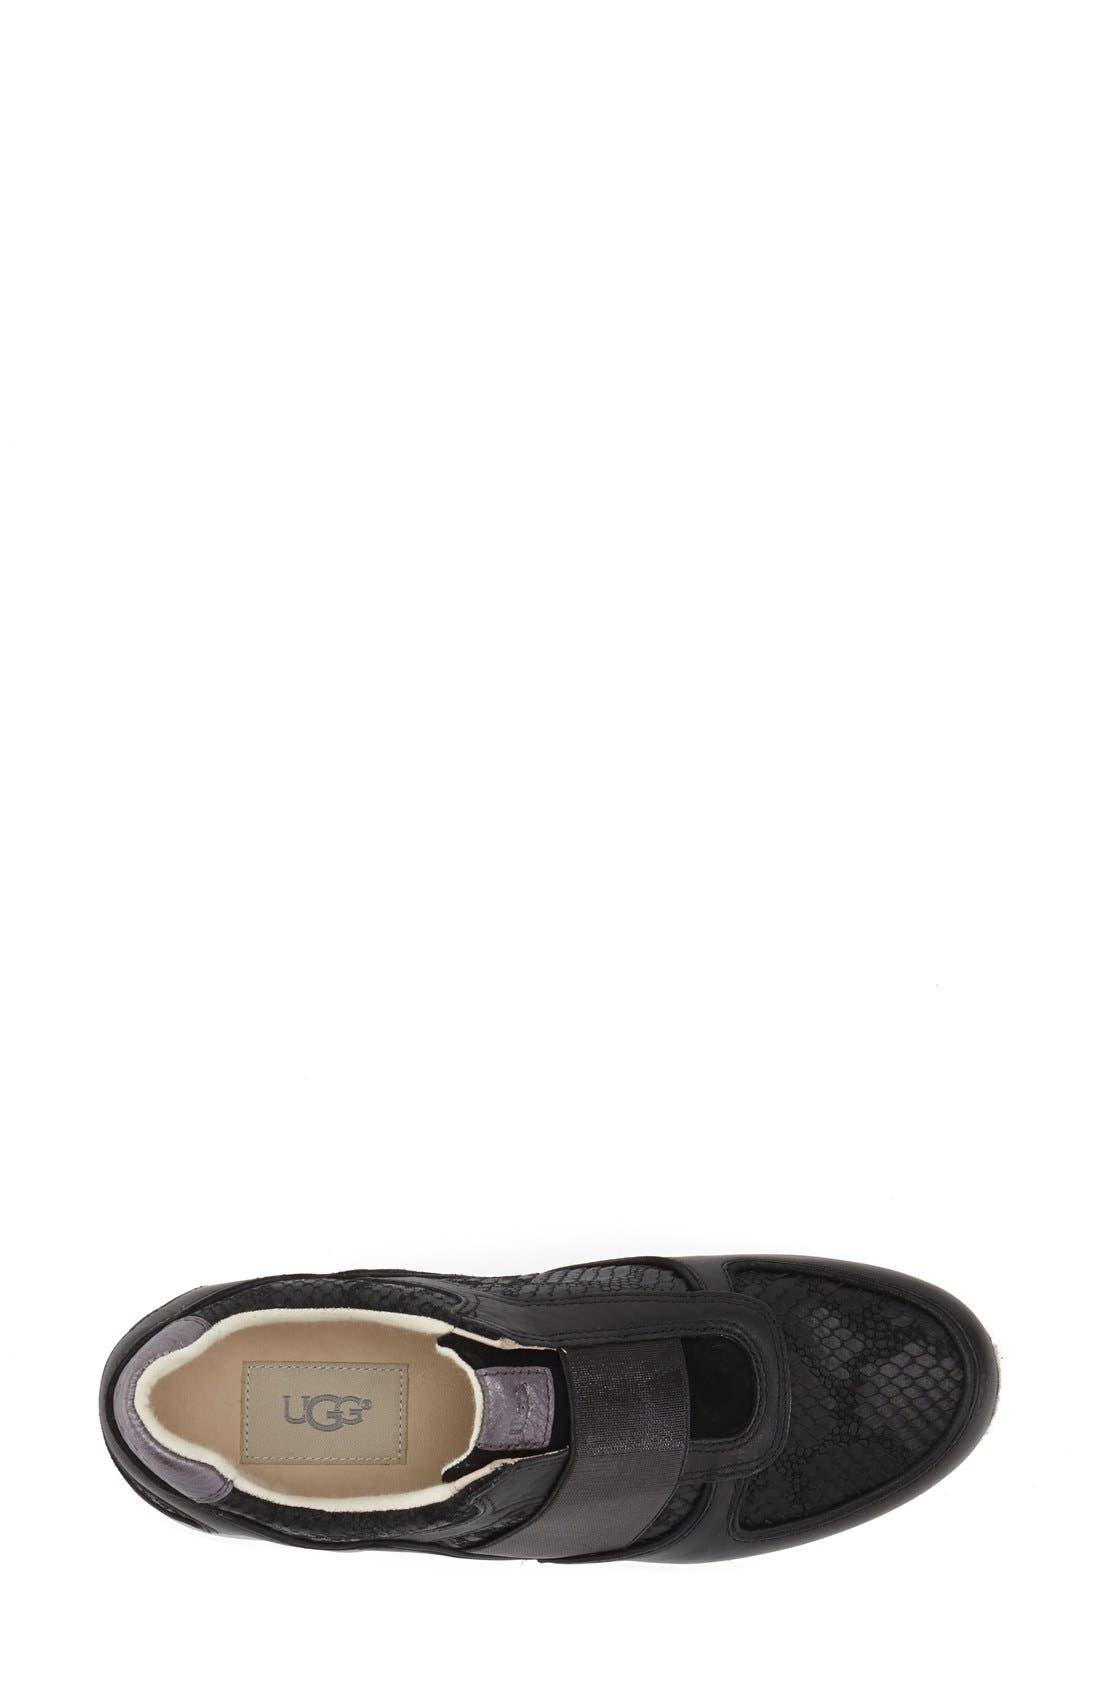 Alternate Image 2  - UGG® 'Annetta' Slip-On Sneaker (Women)